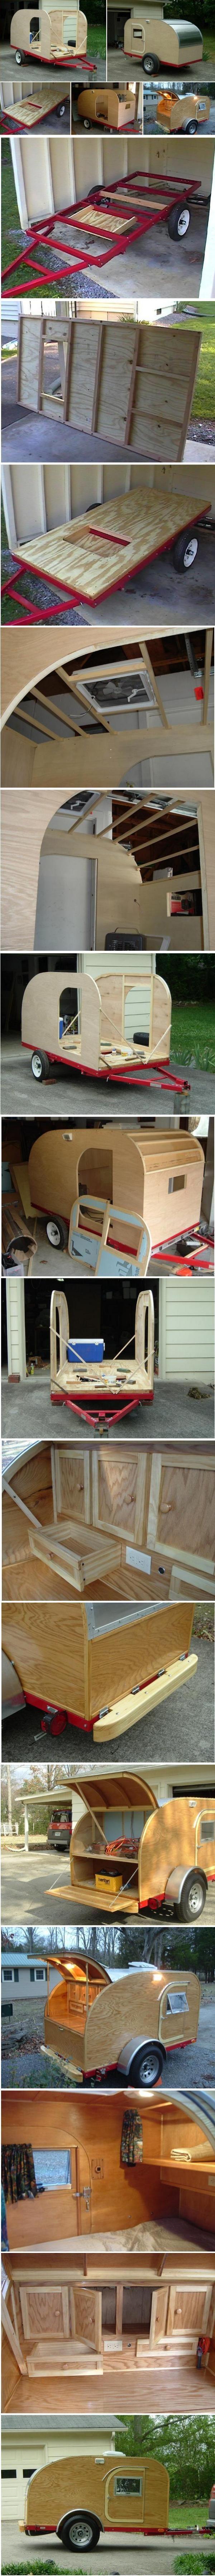 Beautiful RV Style #Roofing #Coatings #Repairroof   http://www.epdmcoatings.com/